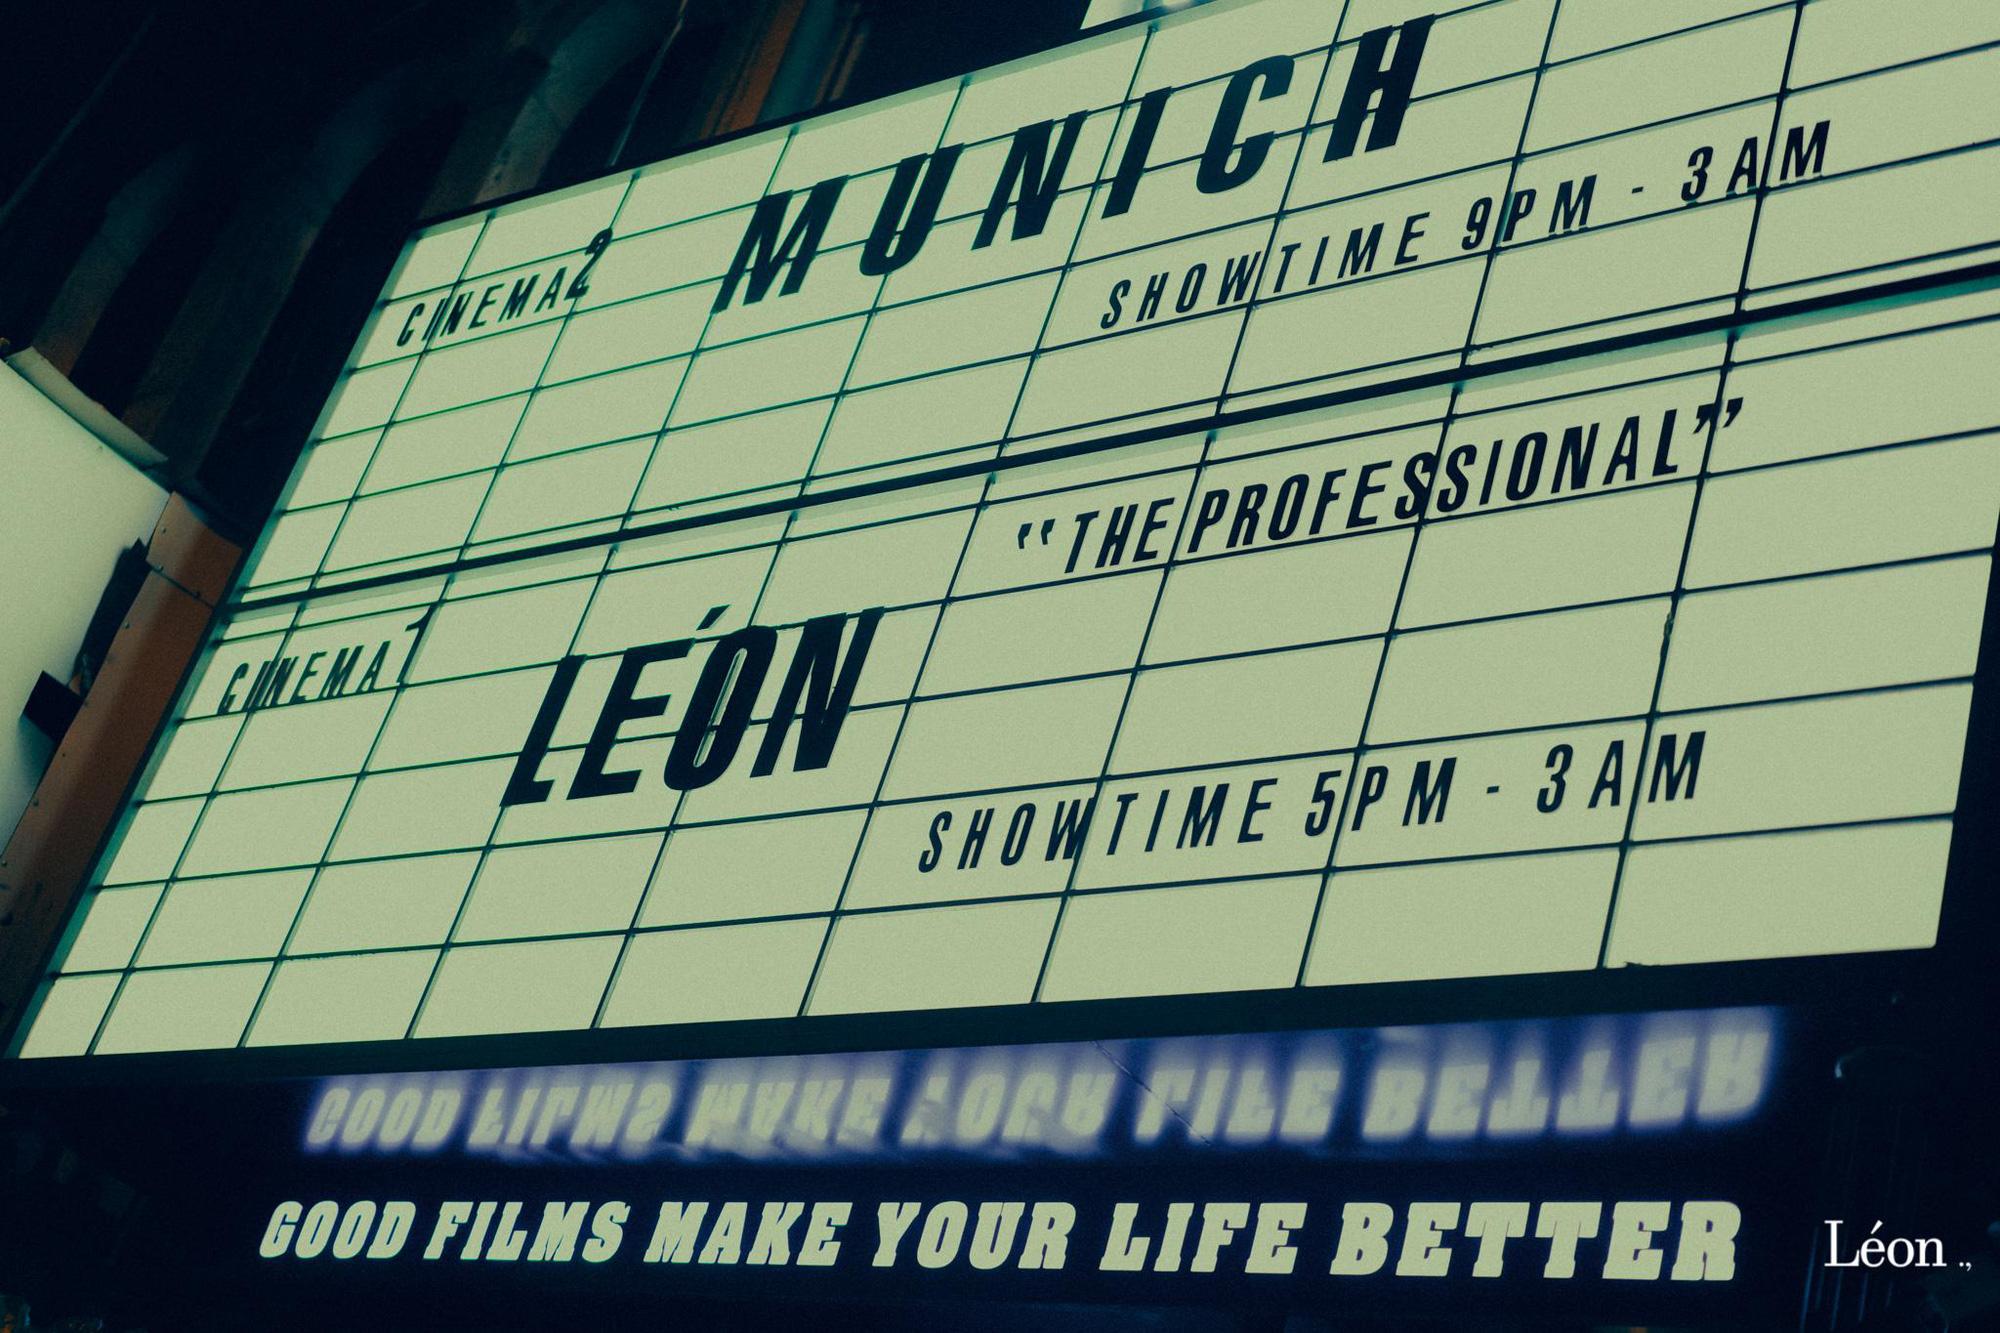 Léon: Quán cocktails mang phong cách rạp phim nhất định phải đến một lần - Ảnh 3.